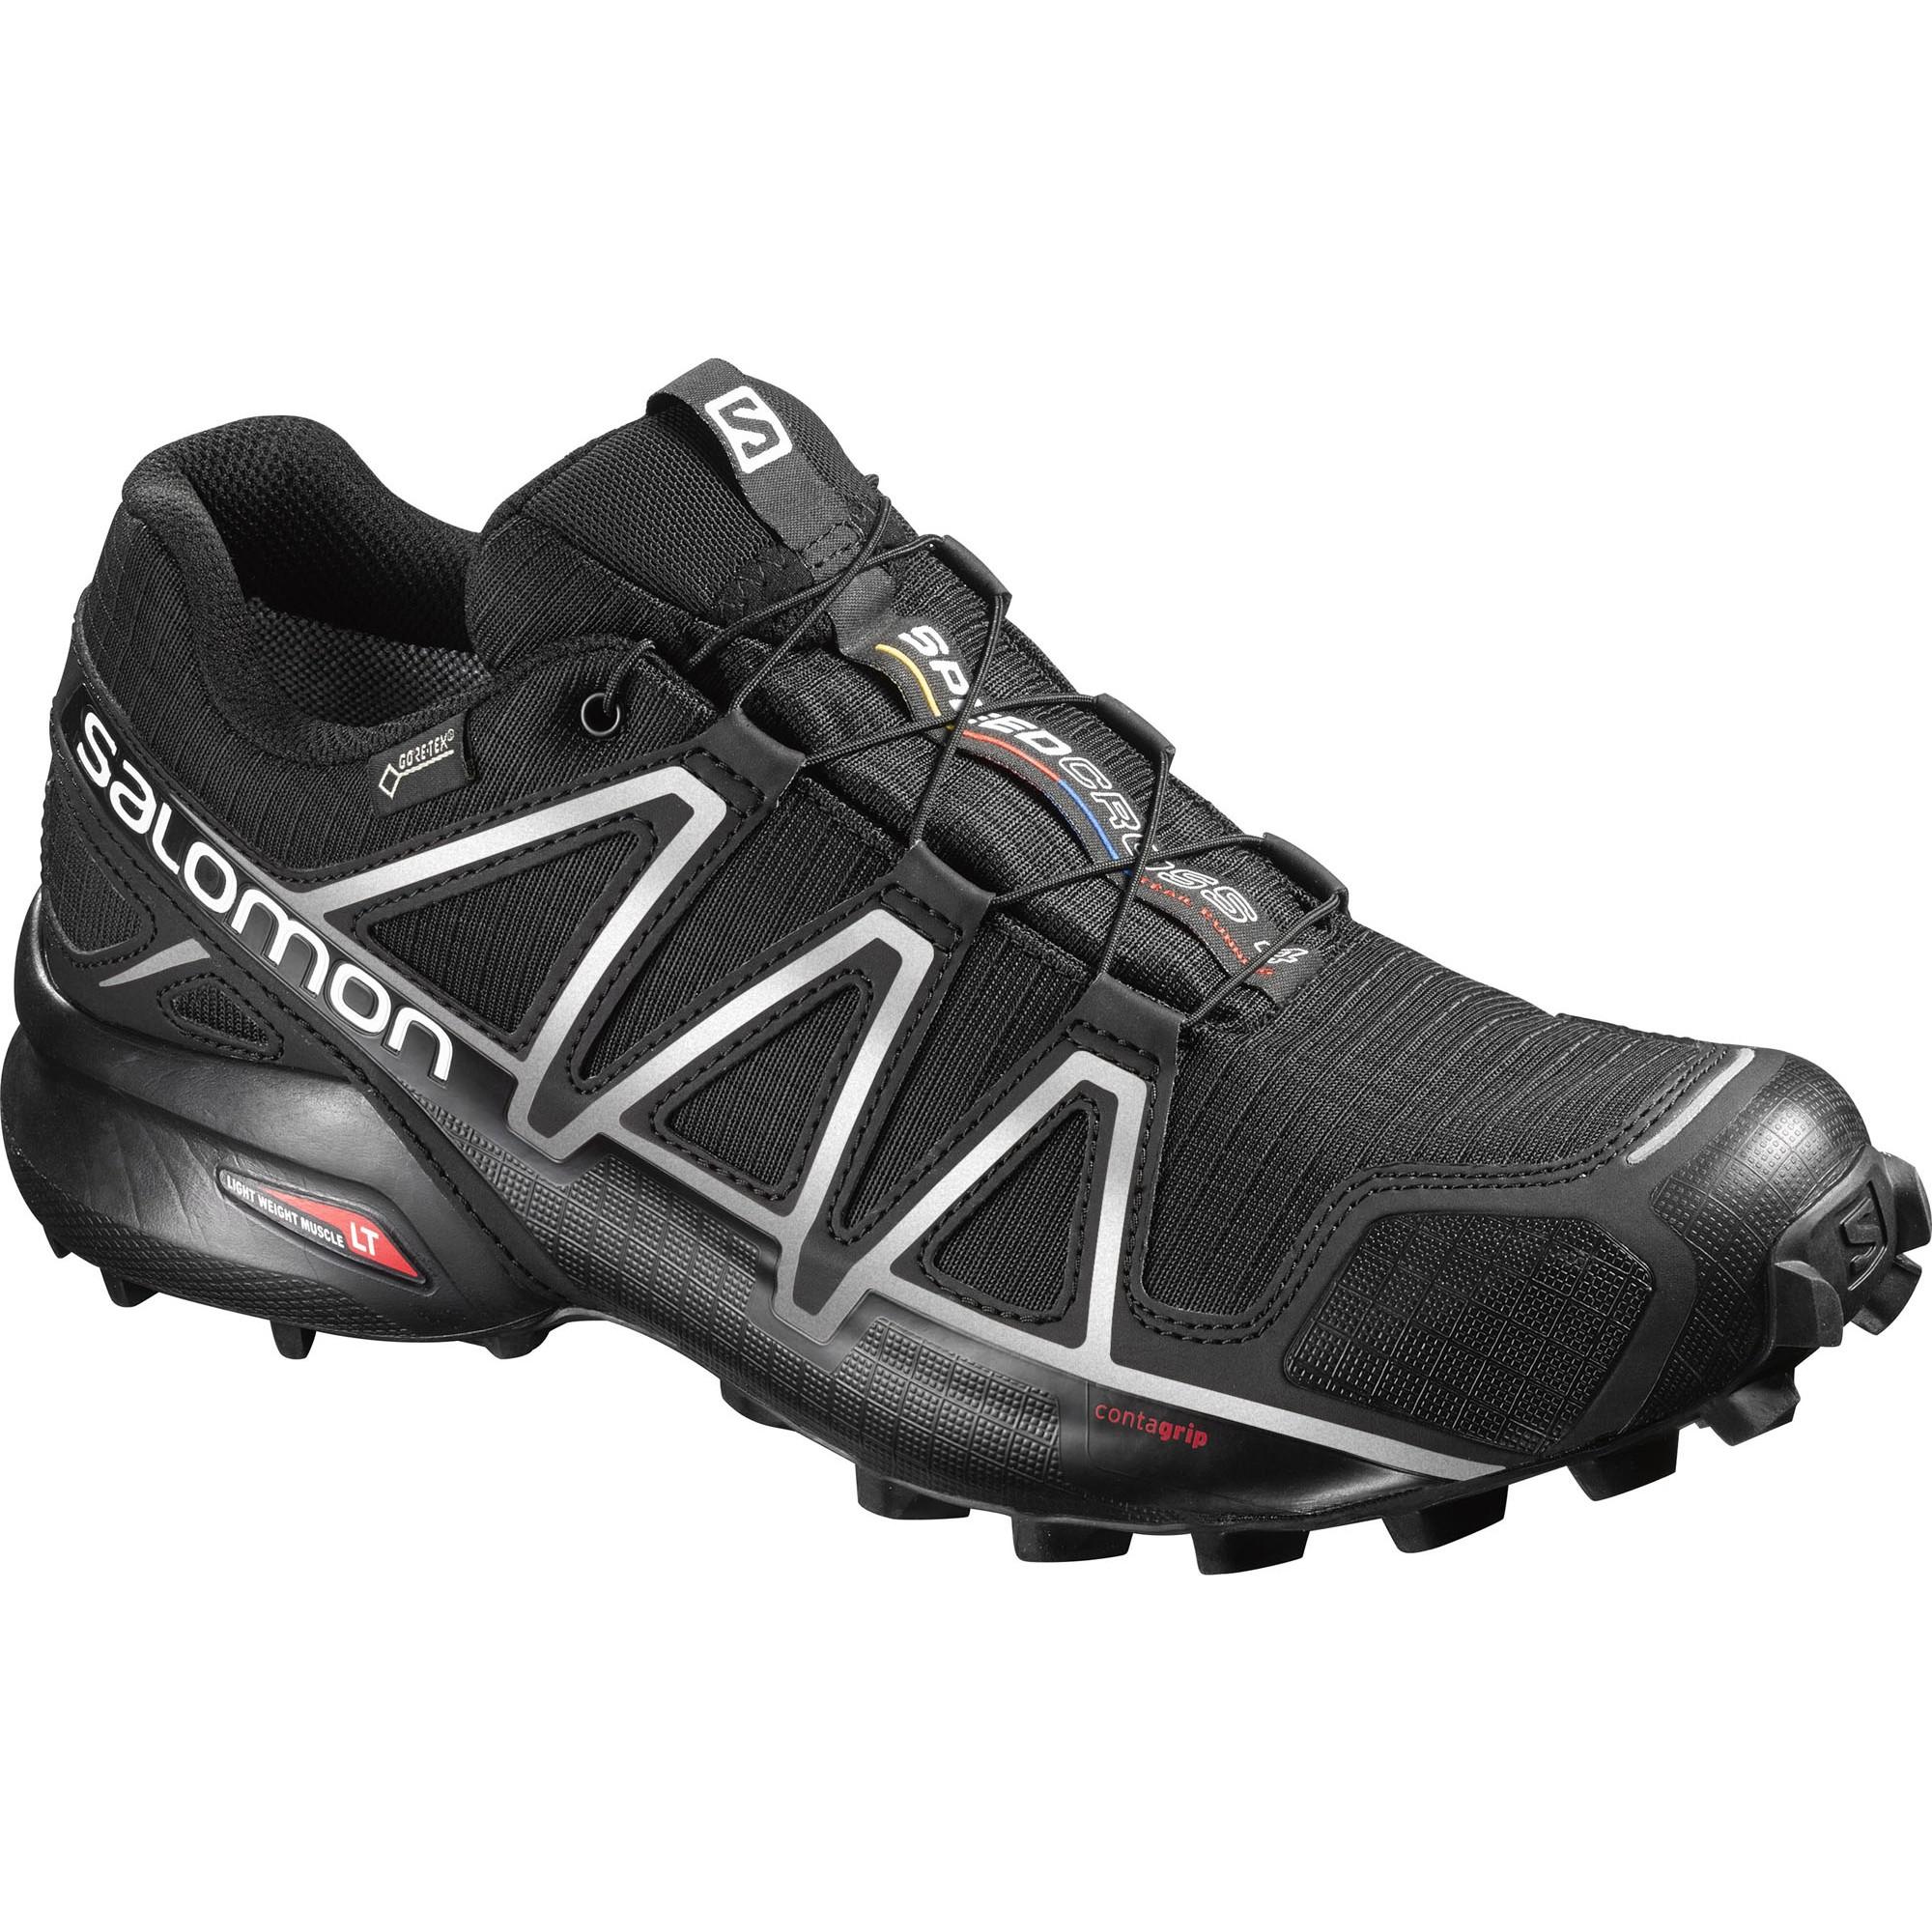 Salomon Pantofi alergare Salomon Speedcross 4 Gore-Tex